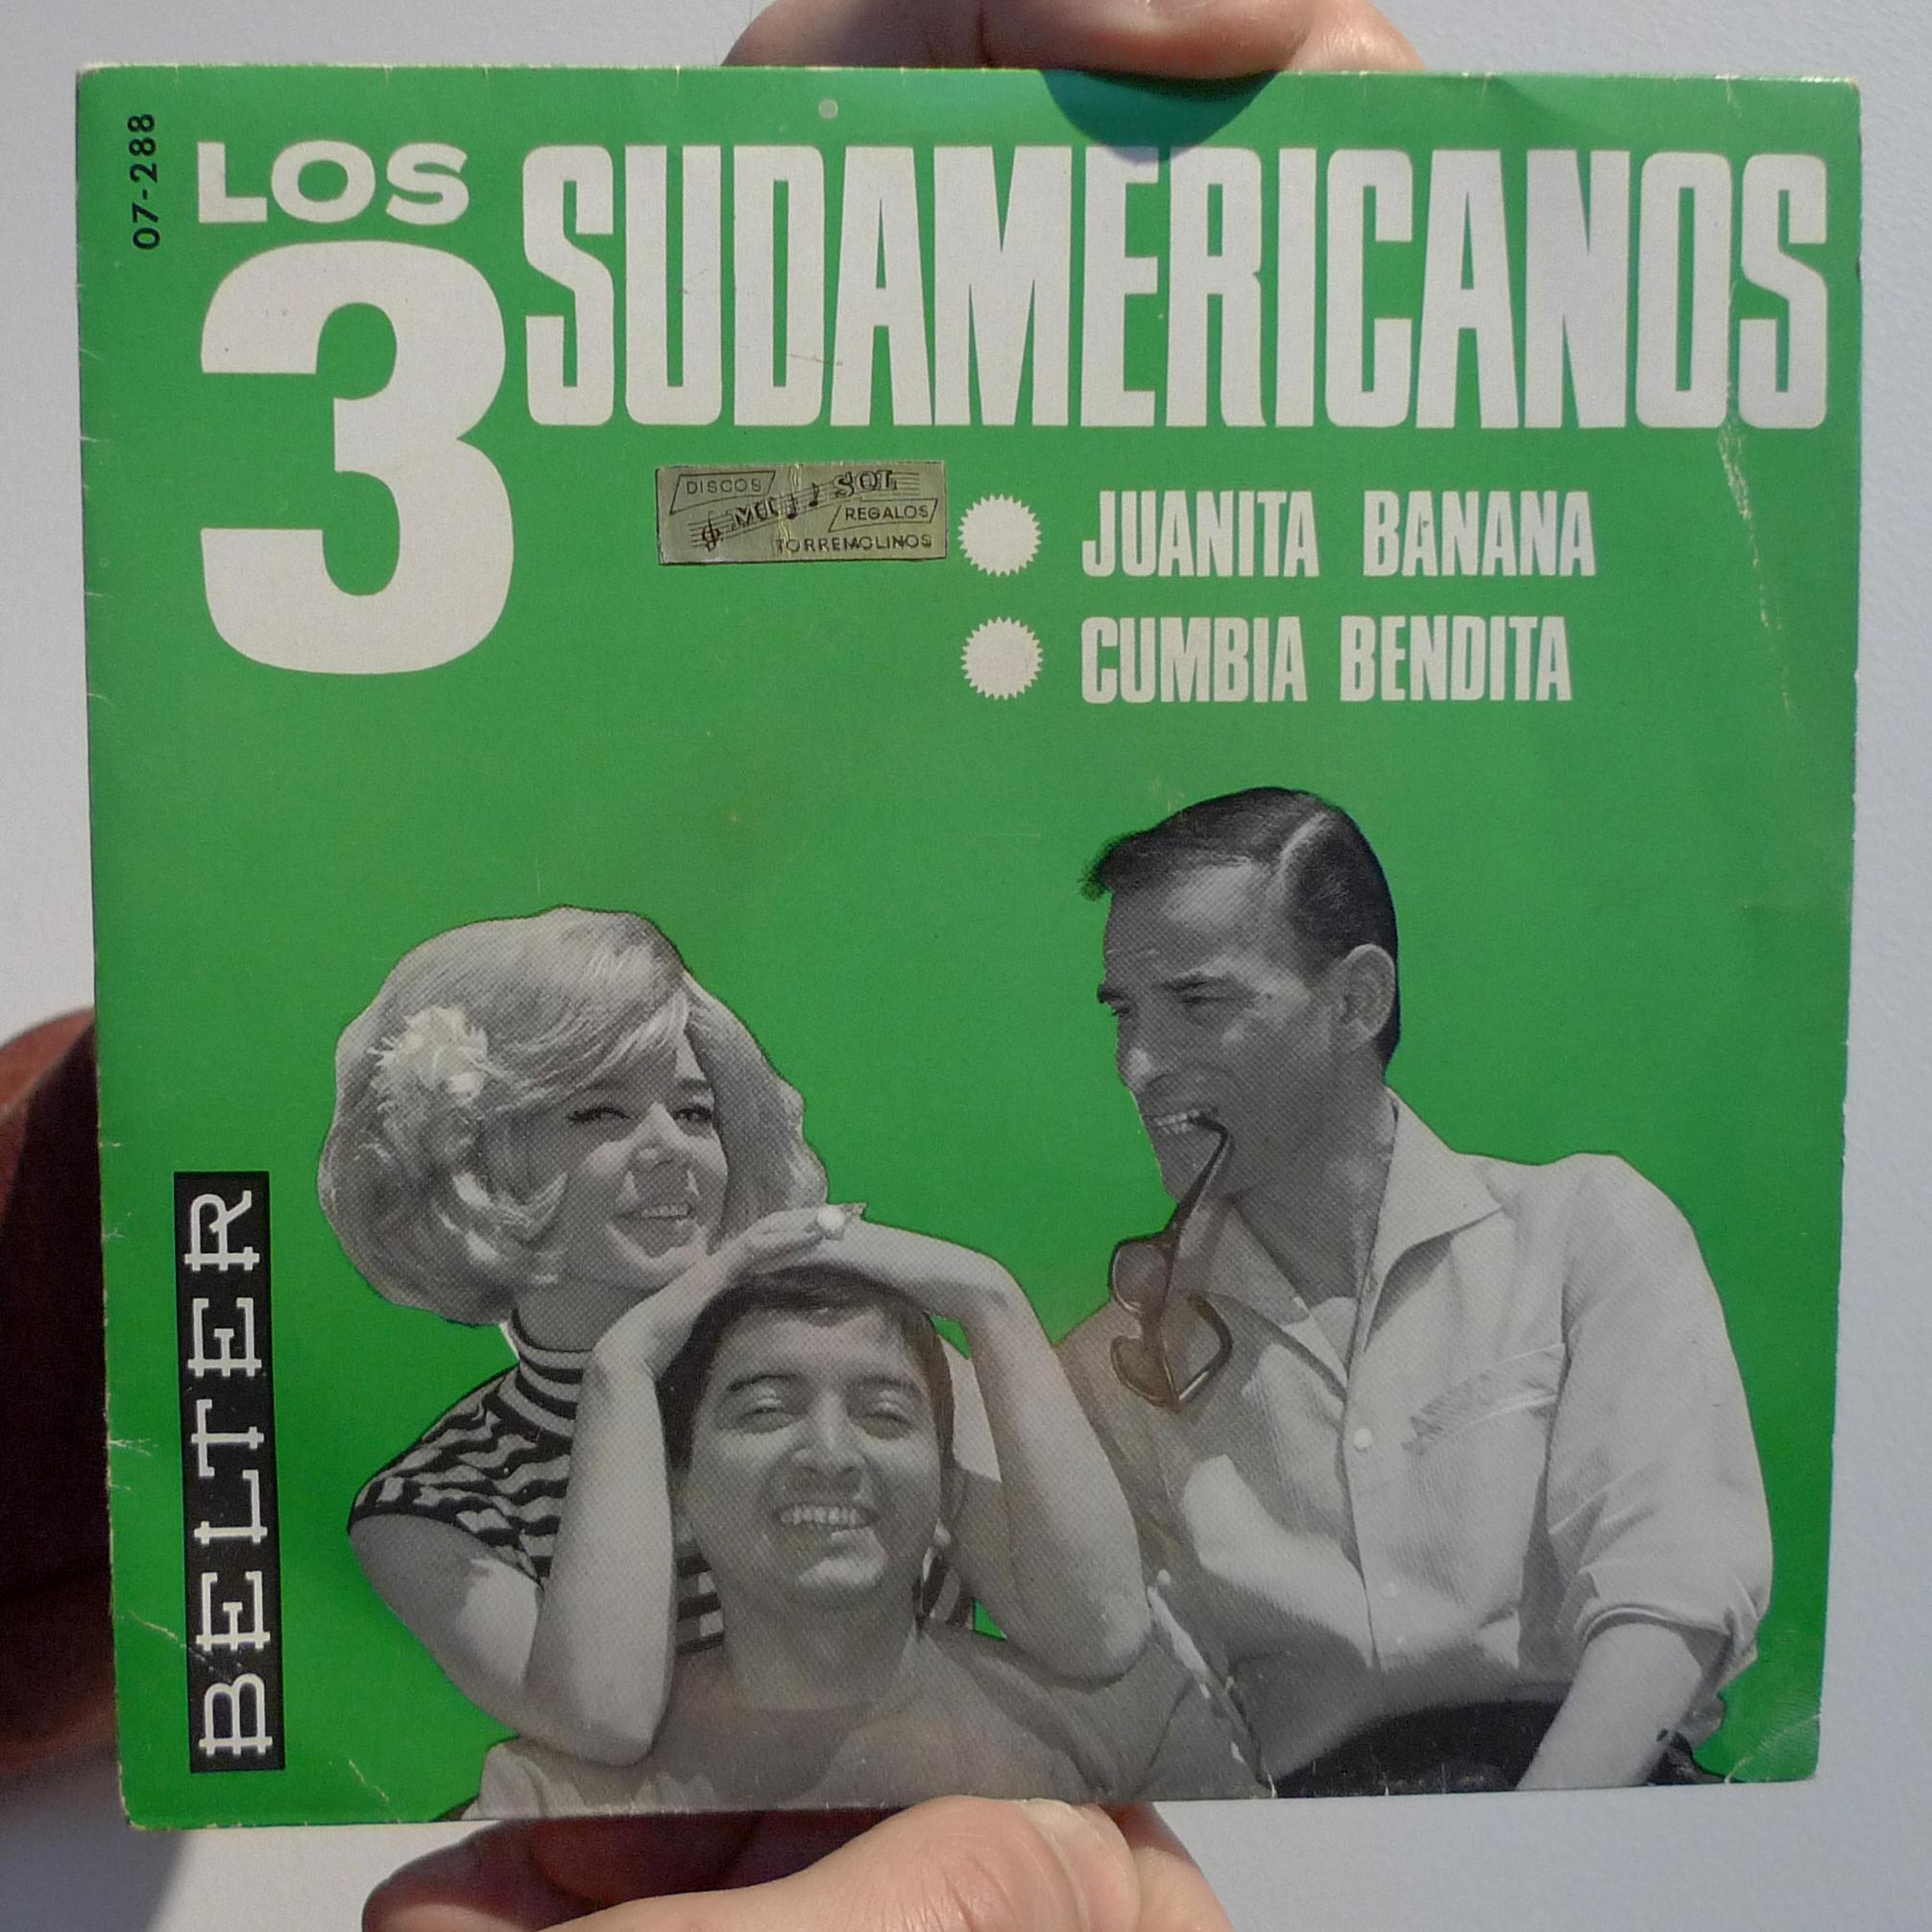 dj50s ep029 sleeve los3 sudamericanos